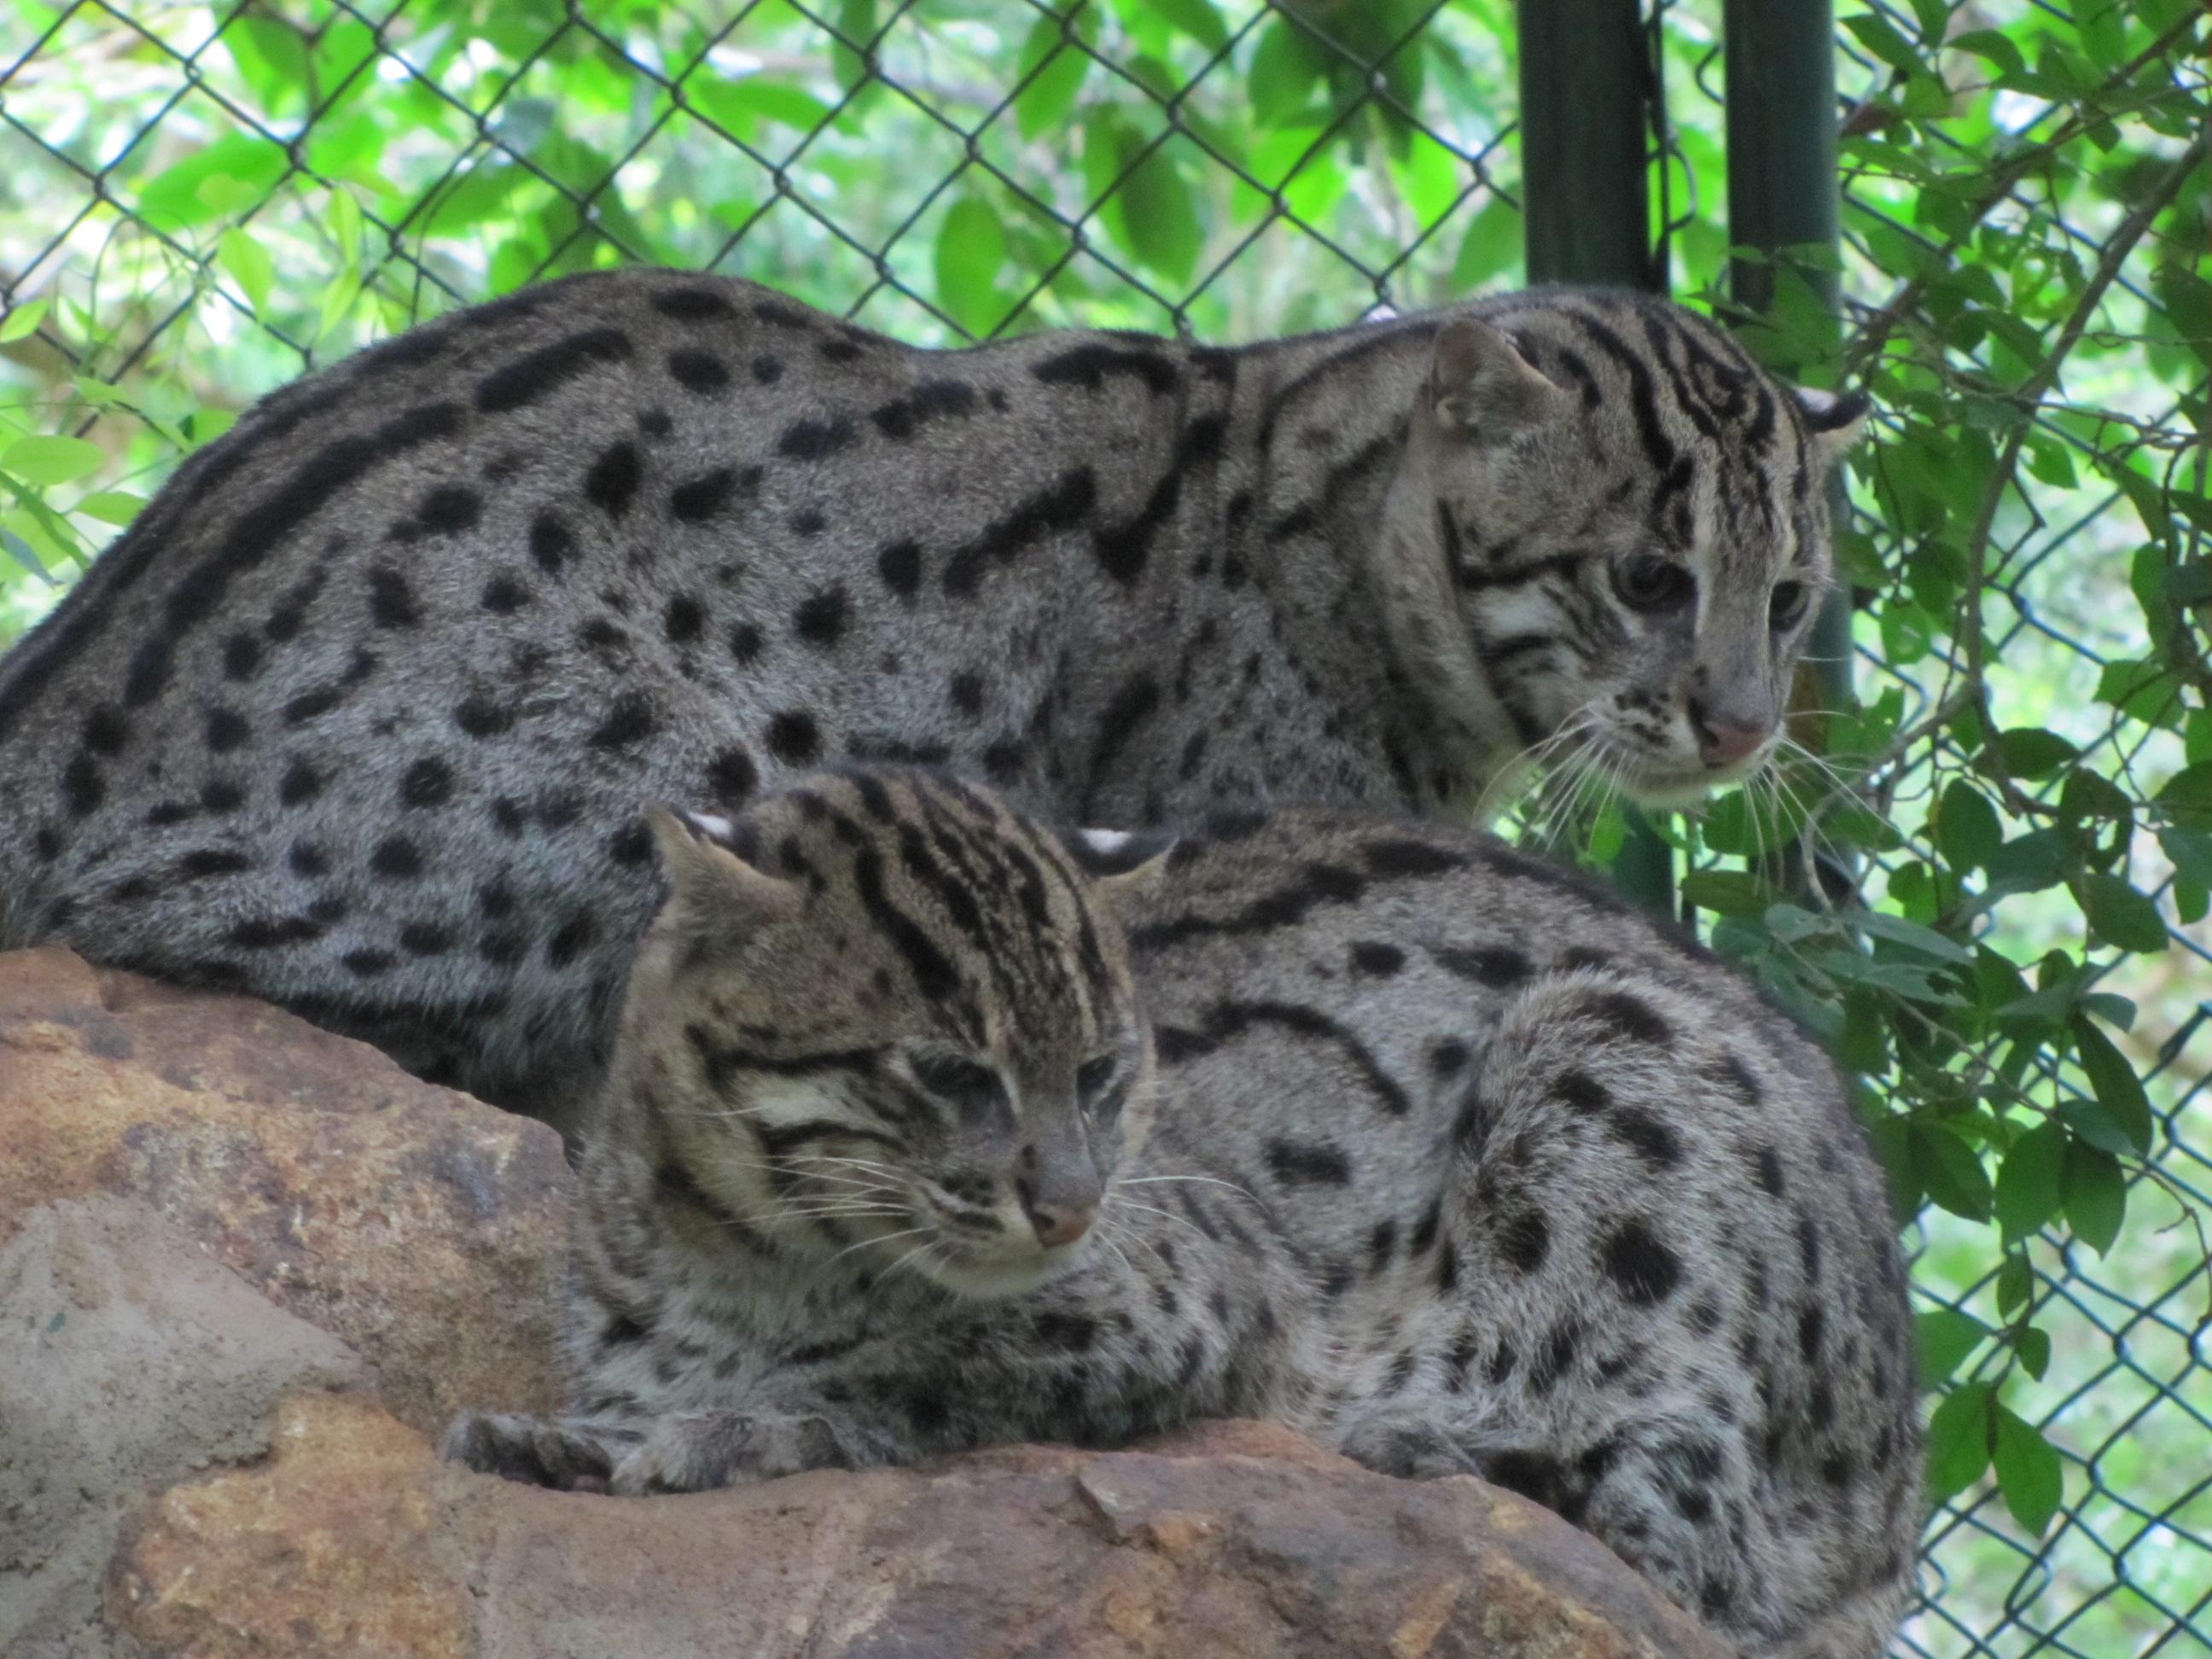 Fishing cats in captivity.